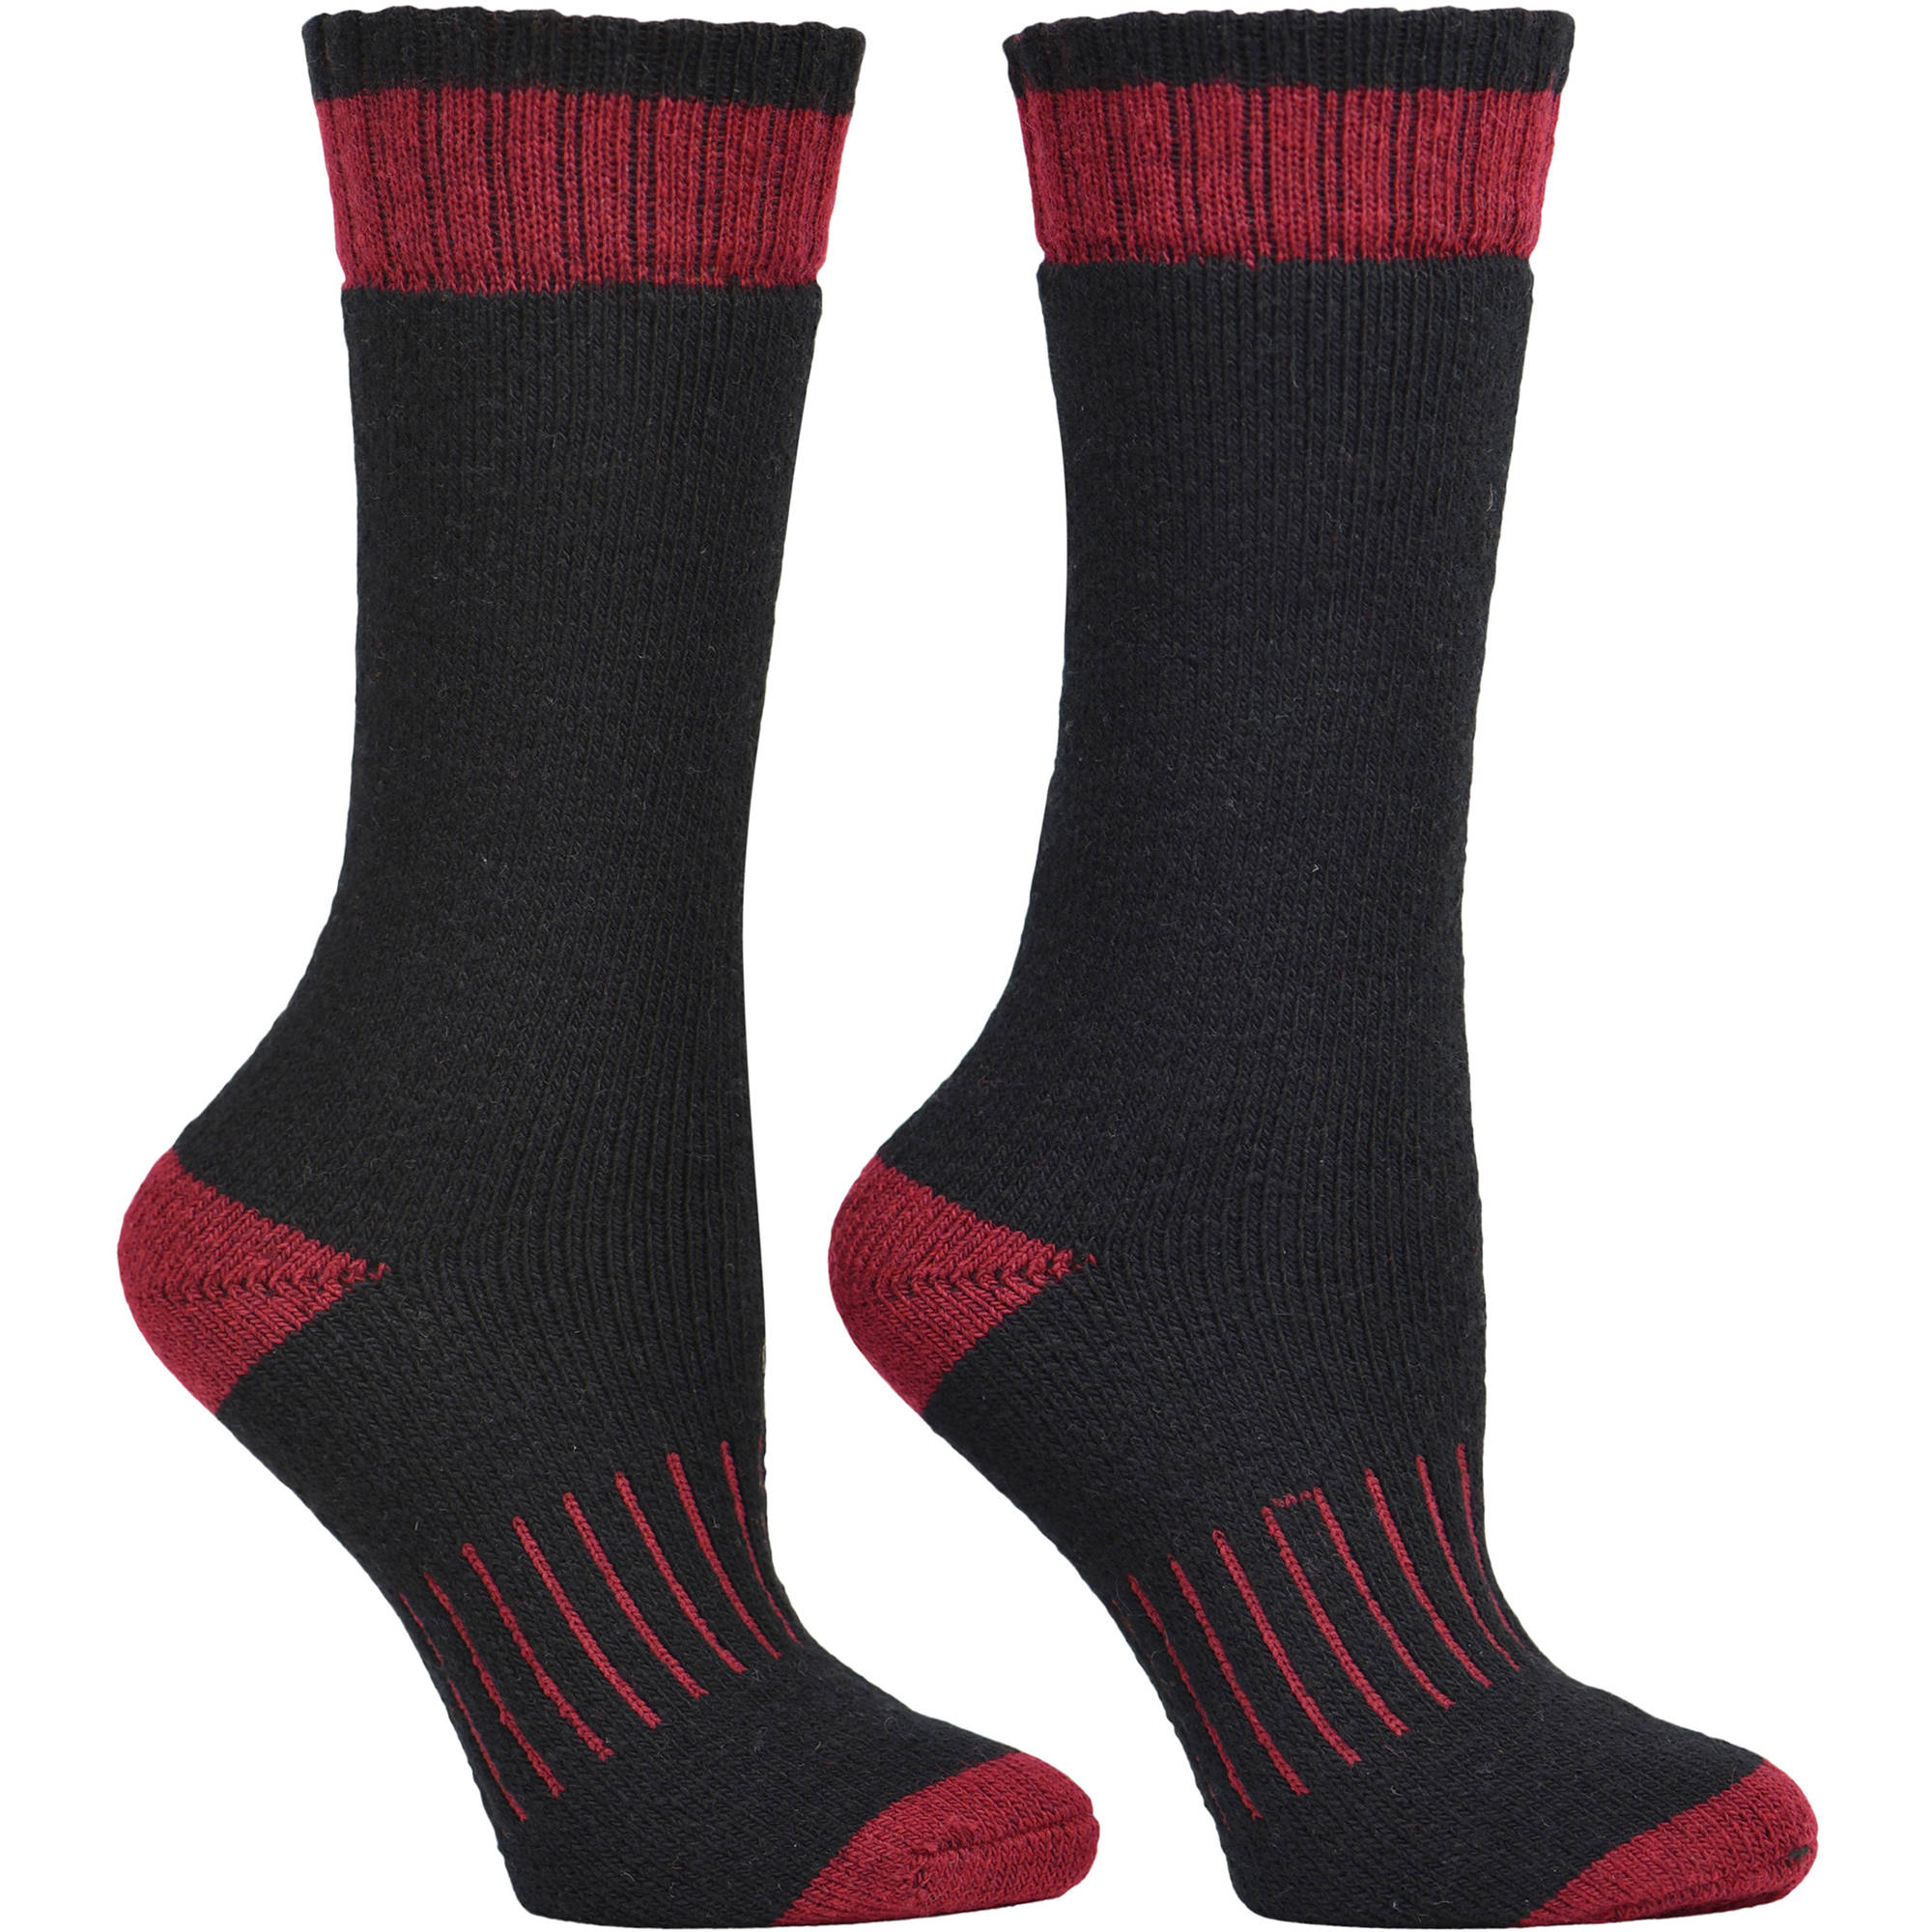 Kodiak Women's Thermal Crew Socks - 2 Pair